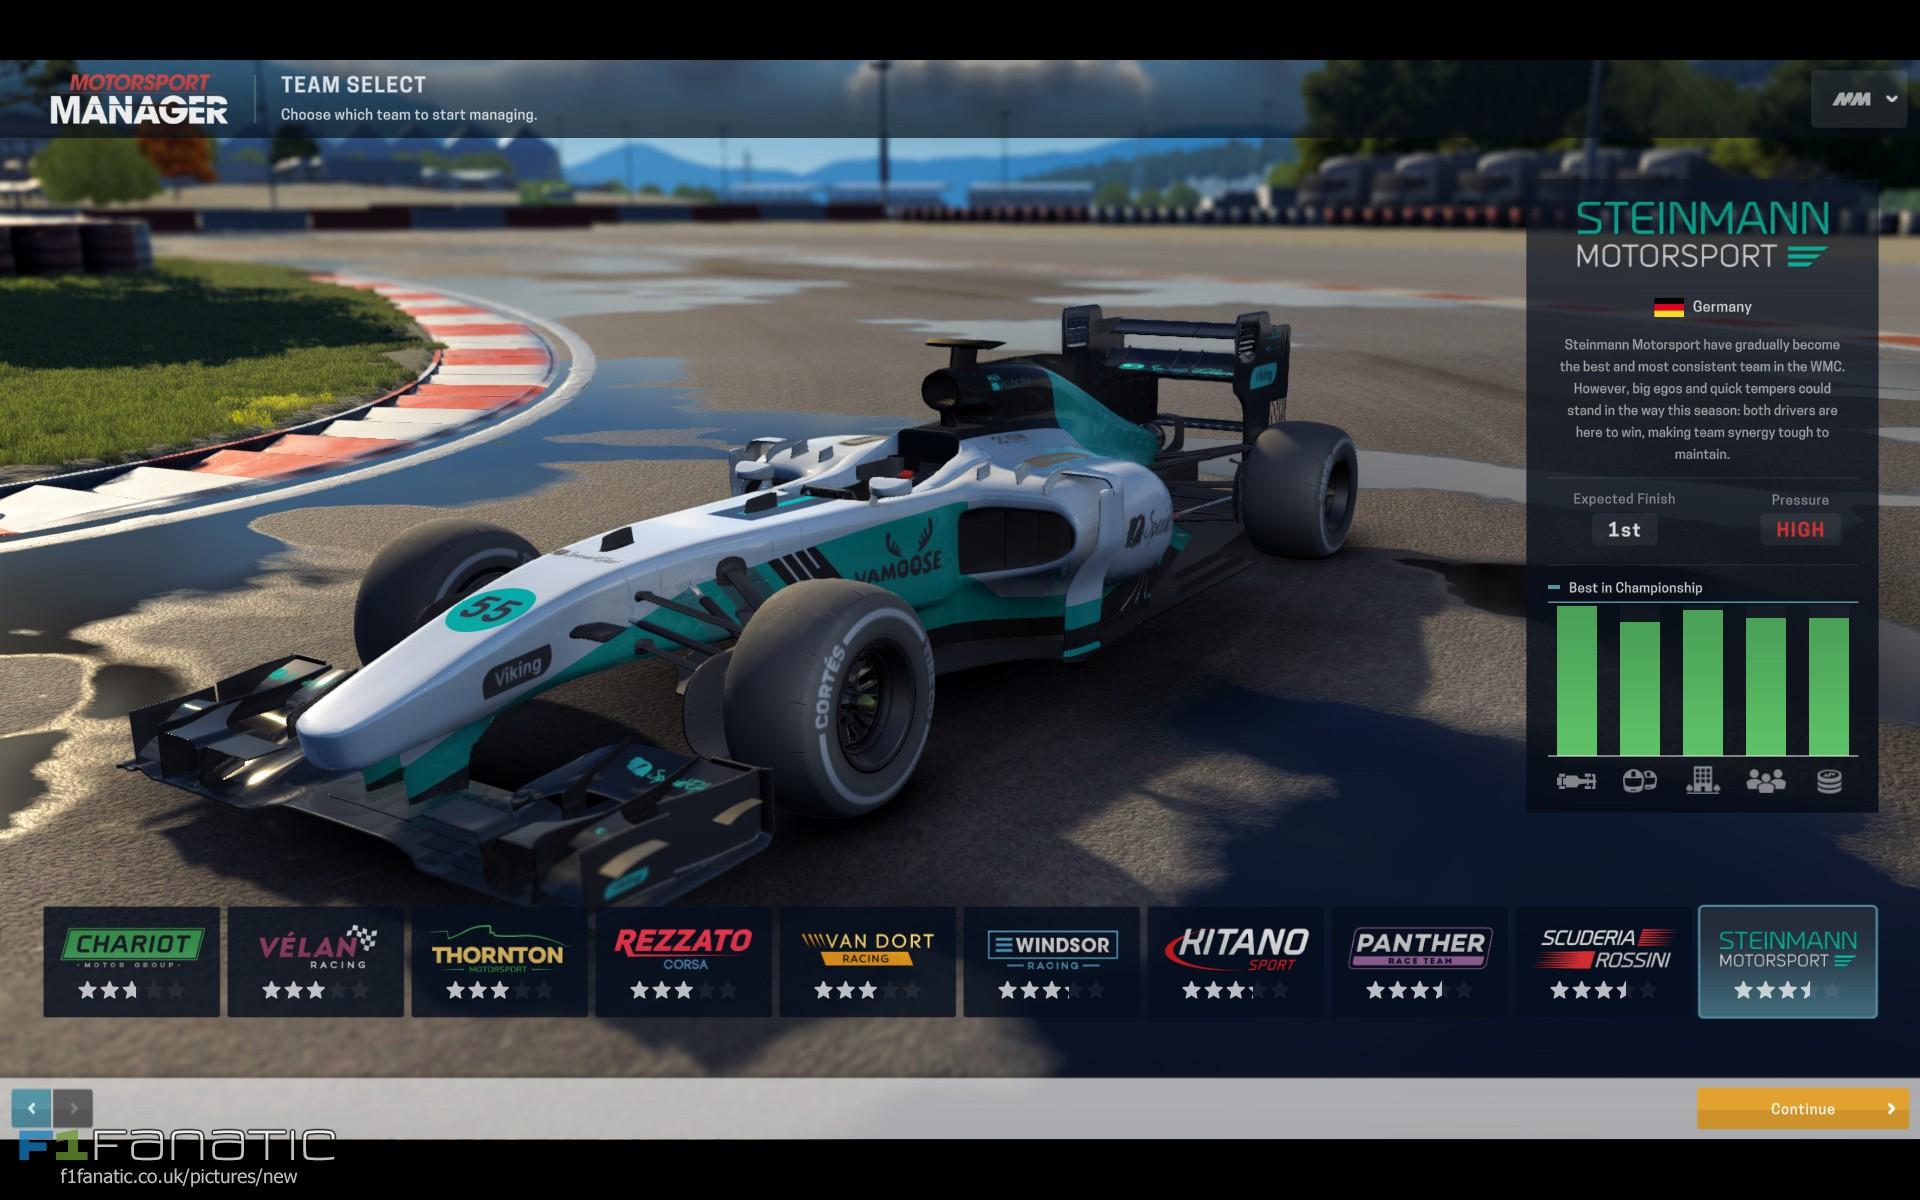 Grand Prix Car Racing Games